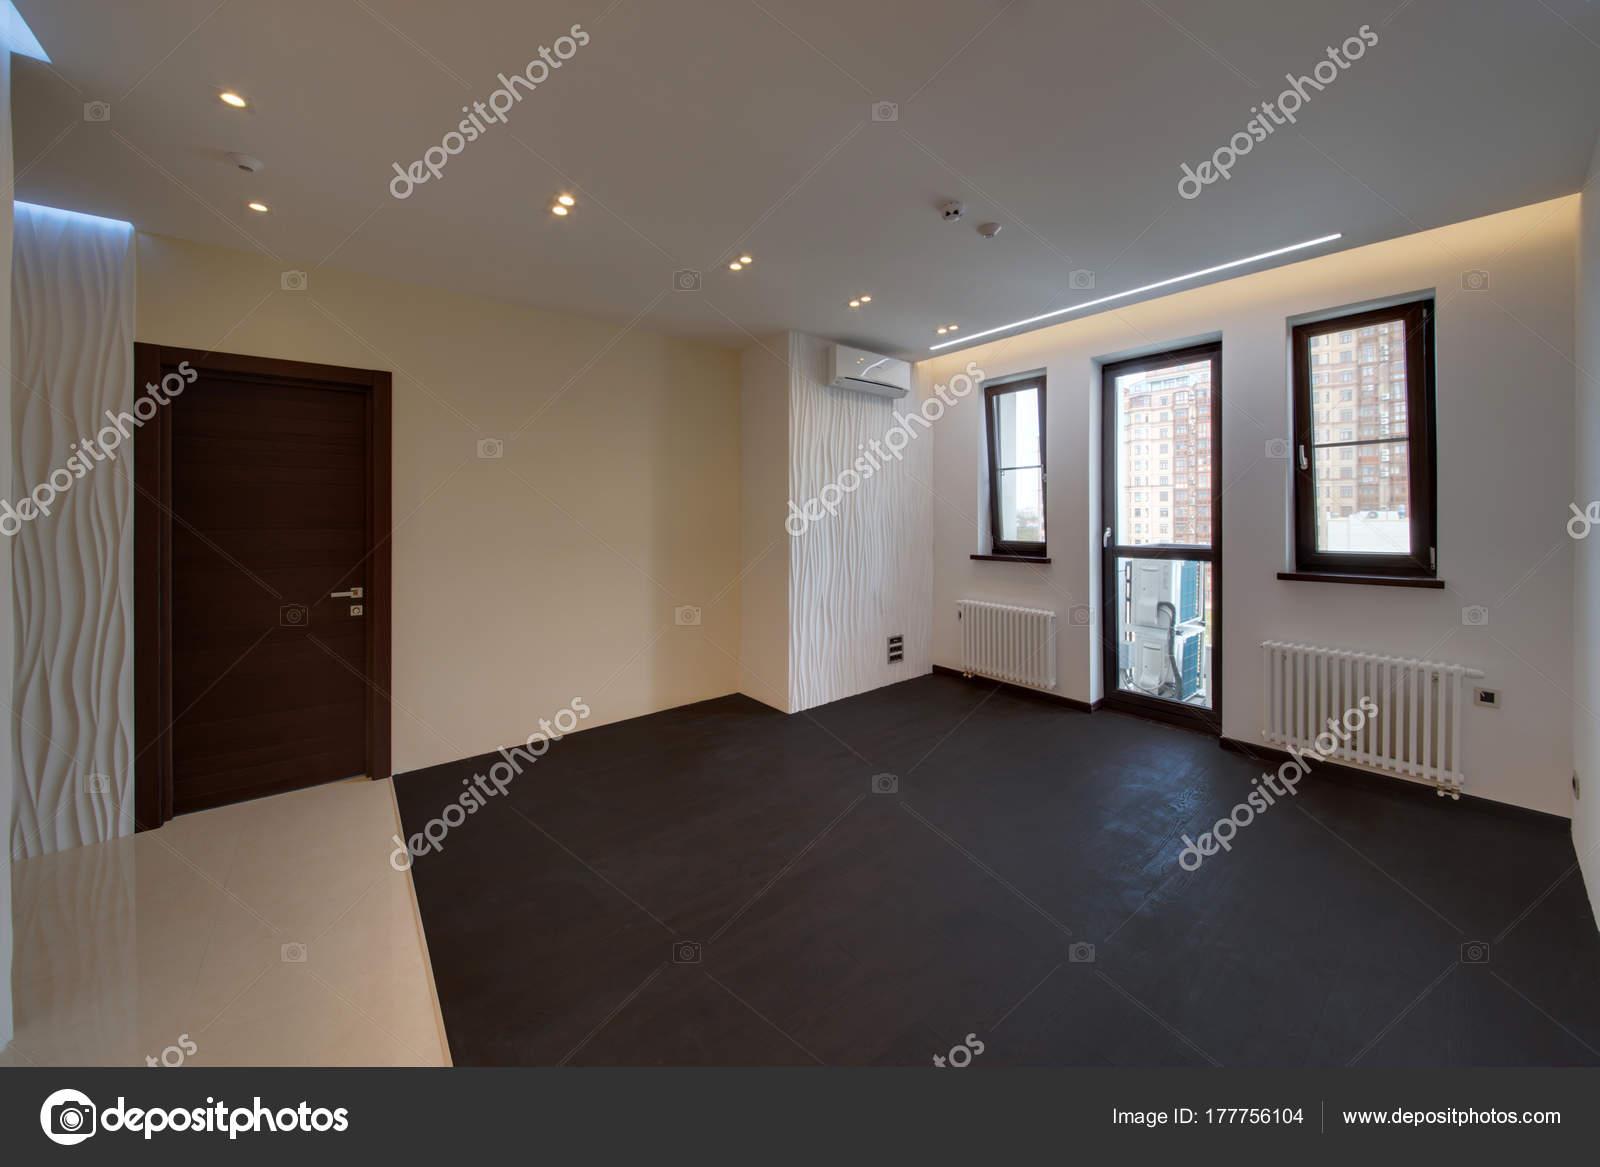 Magnifiek Een Salon Met Een Zwarte Houten Vloer Grote Ramen Een — Stockfoto &MW64